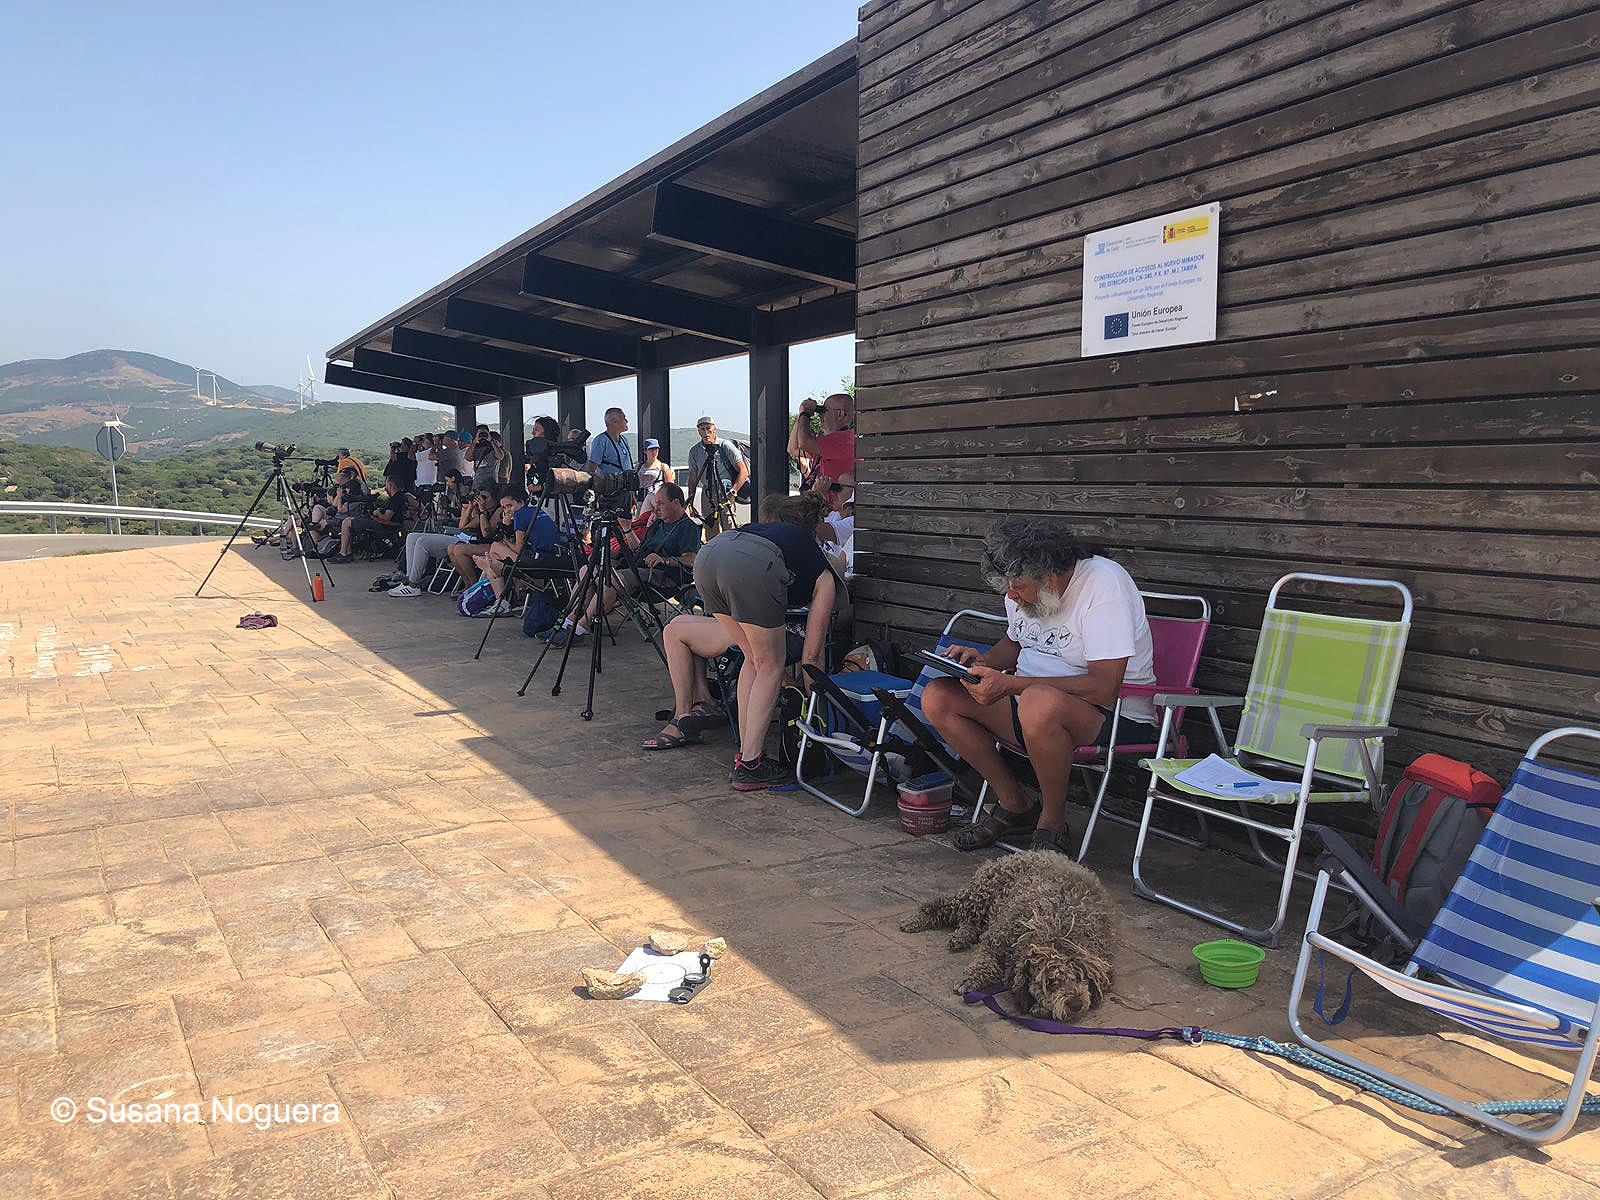 Voluntarios y turistas ornitológicos se mezclan en los observatorios de Tarifa. Imagen: Susana Noguera